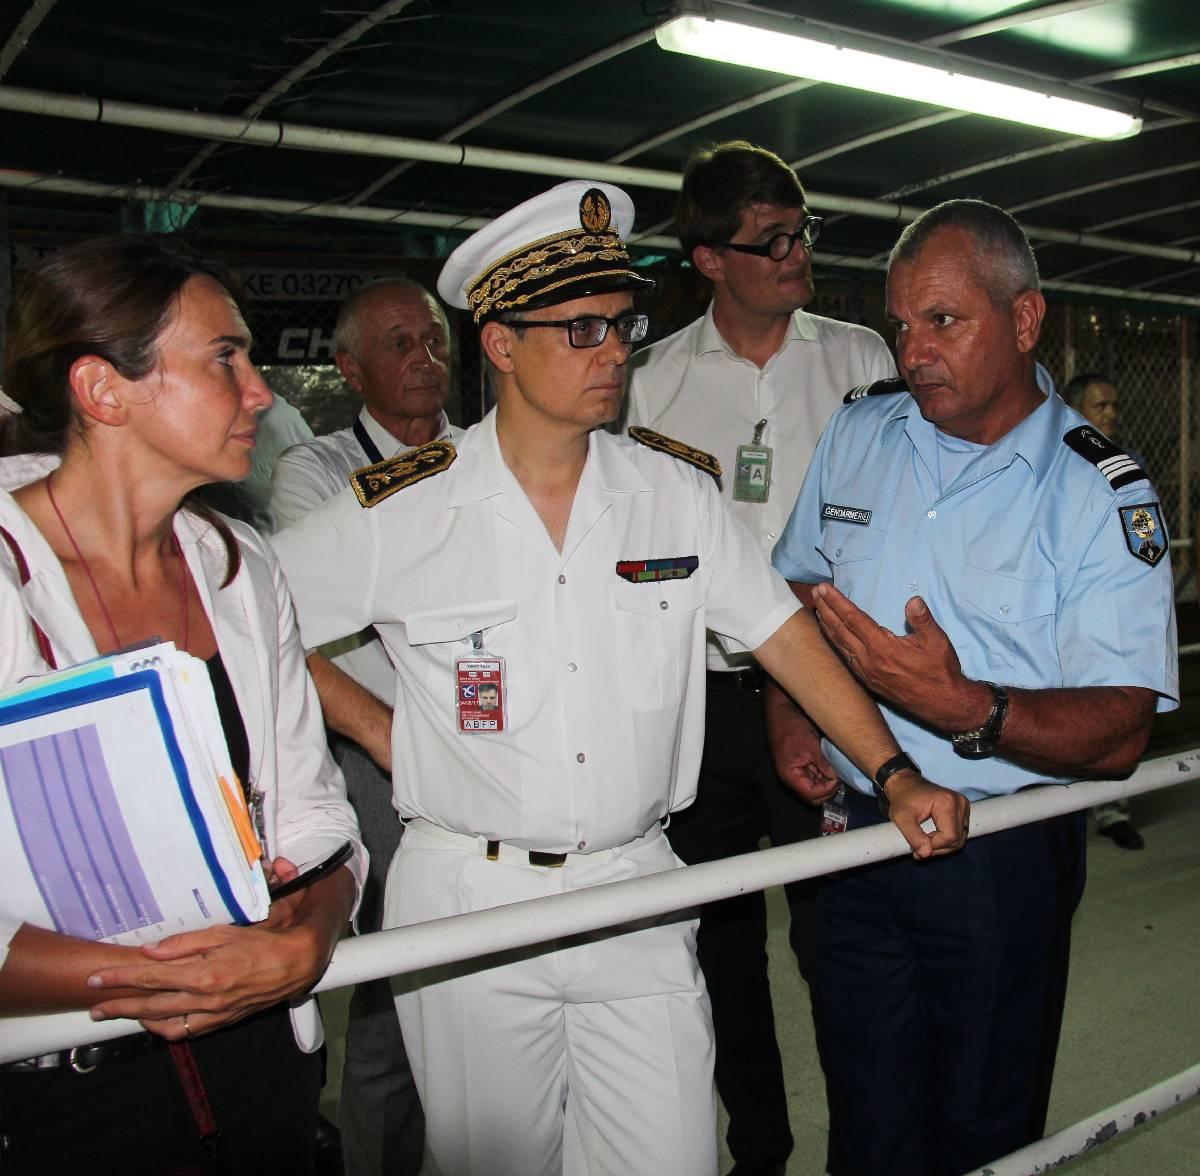 Lionel Beffre, le haut-commissaire ; Marie Baville, la directrice de cabinet et le commandant de la BGTA ( brigade de gendarmerie des transports aériens).